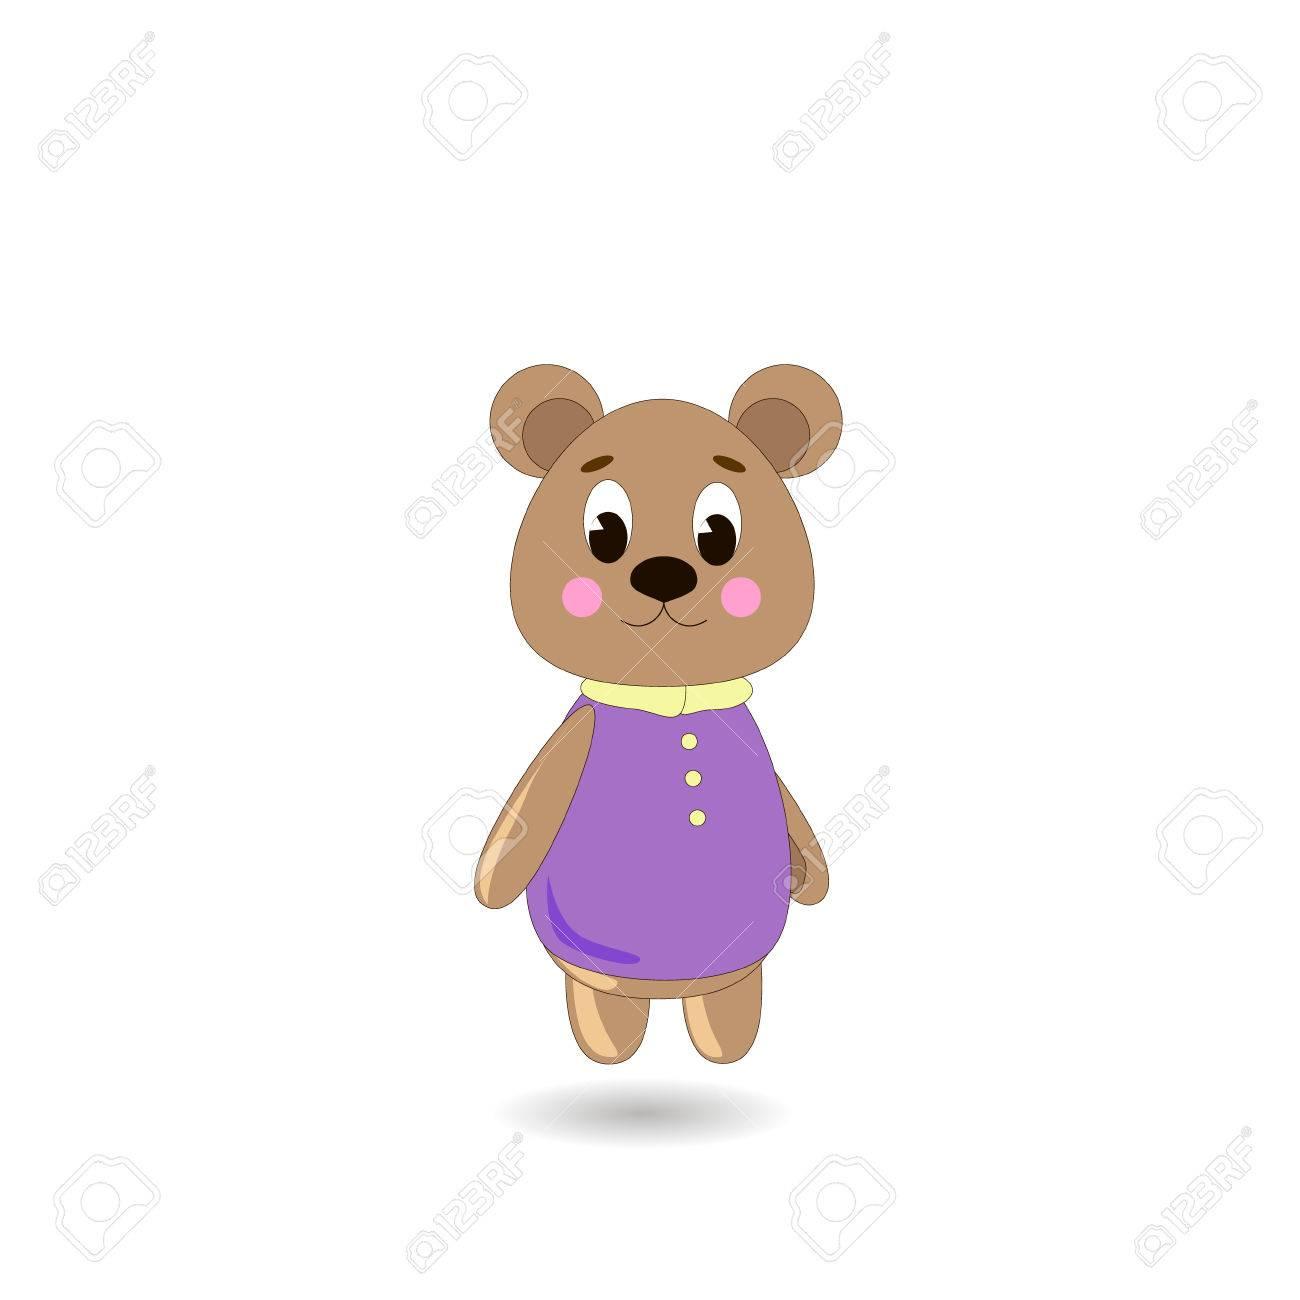 Vettoriale ute orso cartone animato su uno sfondo bianco può